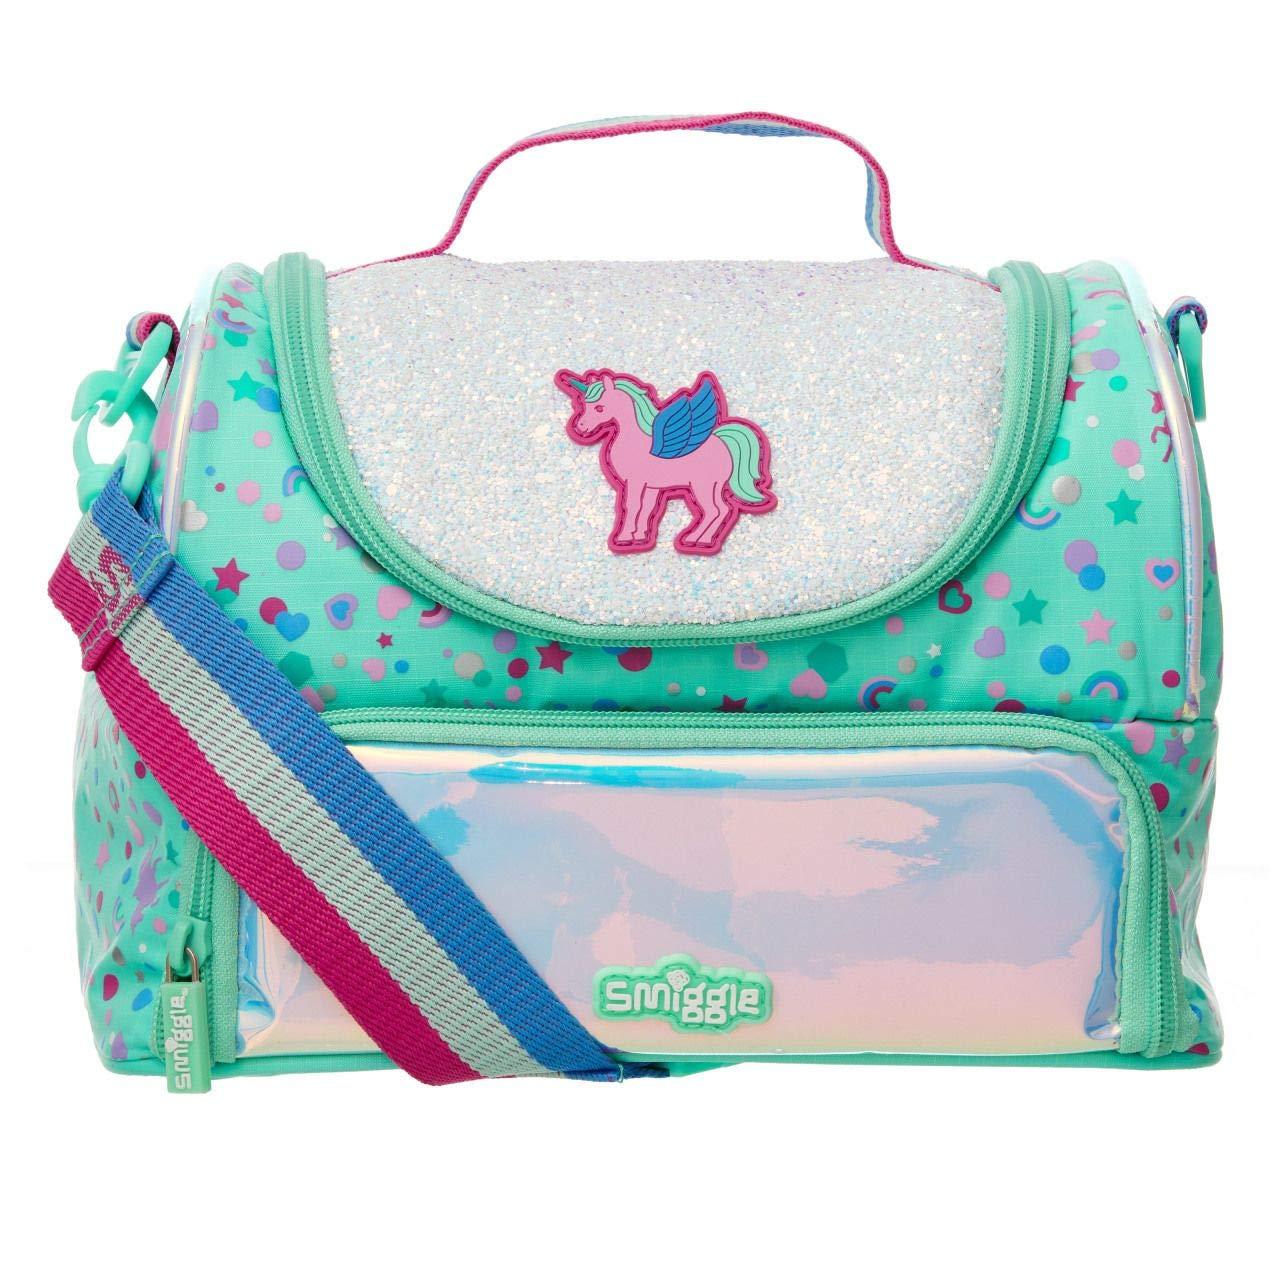 maniglia per il trasporto e doppio scomparto Stampa con unicorno cestino per il pranzo scolastico a due ripiani Smiggle Believe per ragazzi e ragazze con tracolla